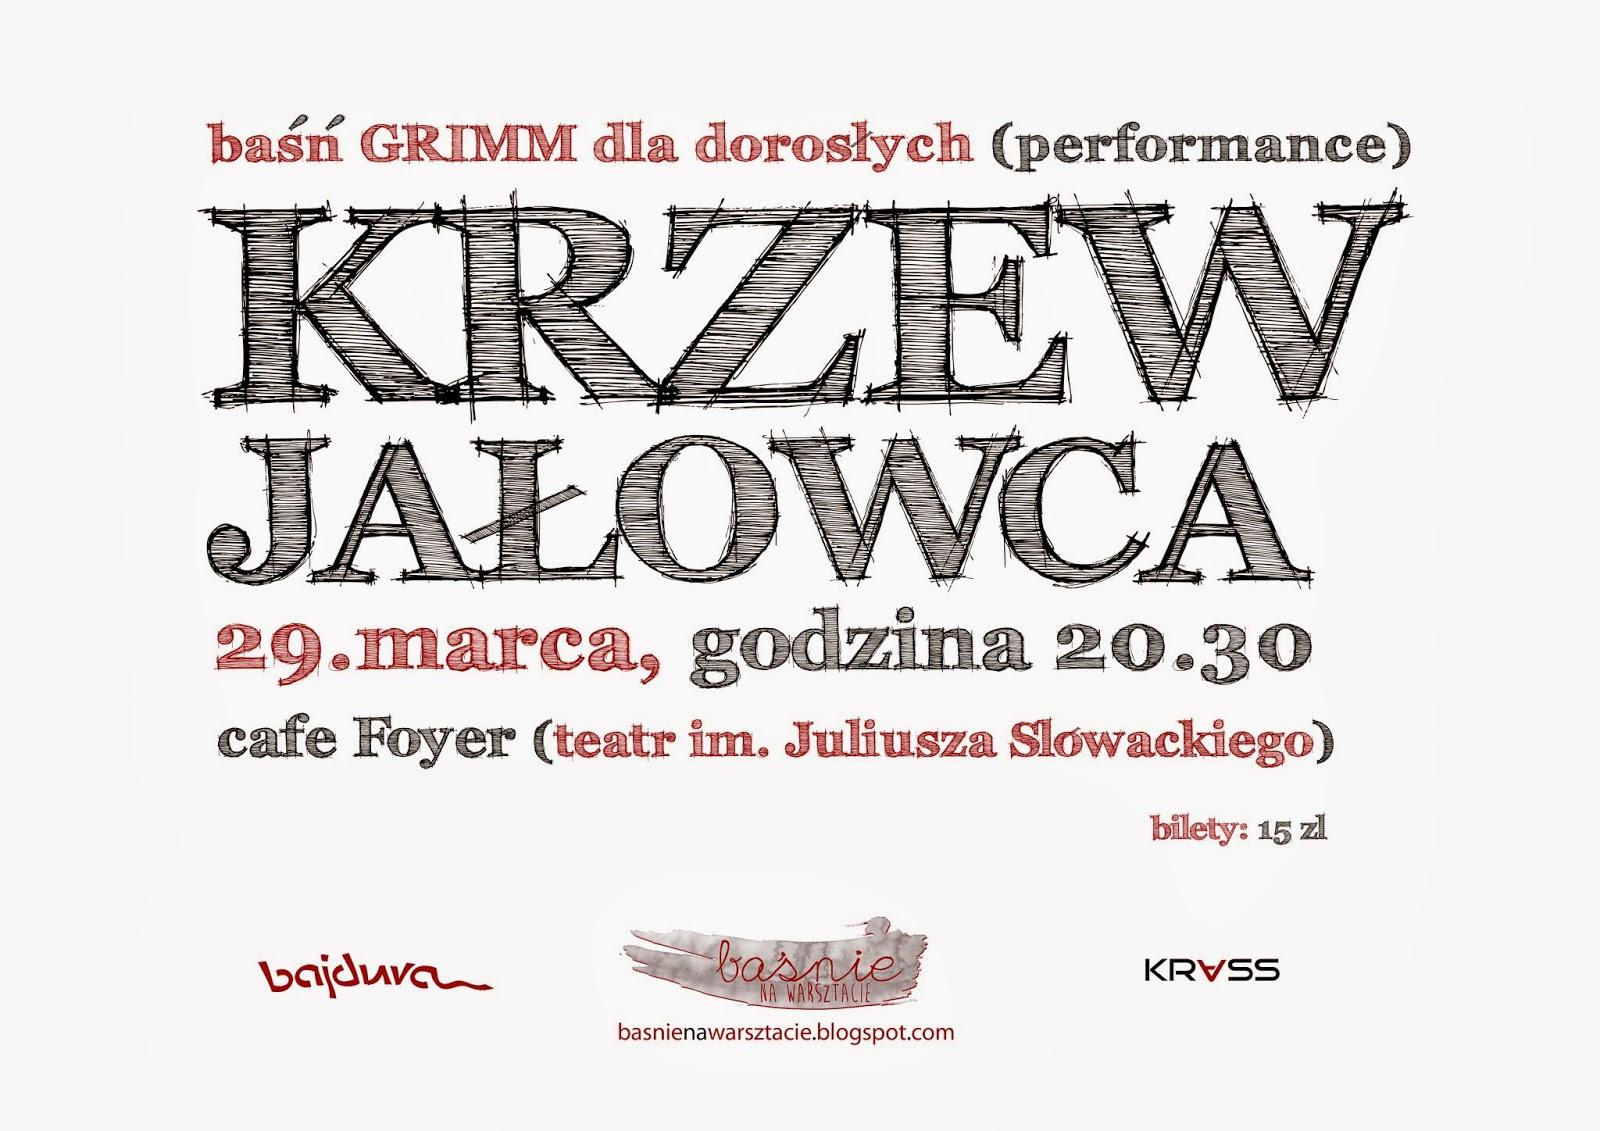 Krzew jałowca, Cafe foyer, Baśnie na Warsztacie, Mateusz Świstak, bajdura, KRass, Baśń Braci Grimm